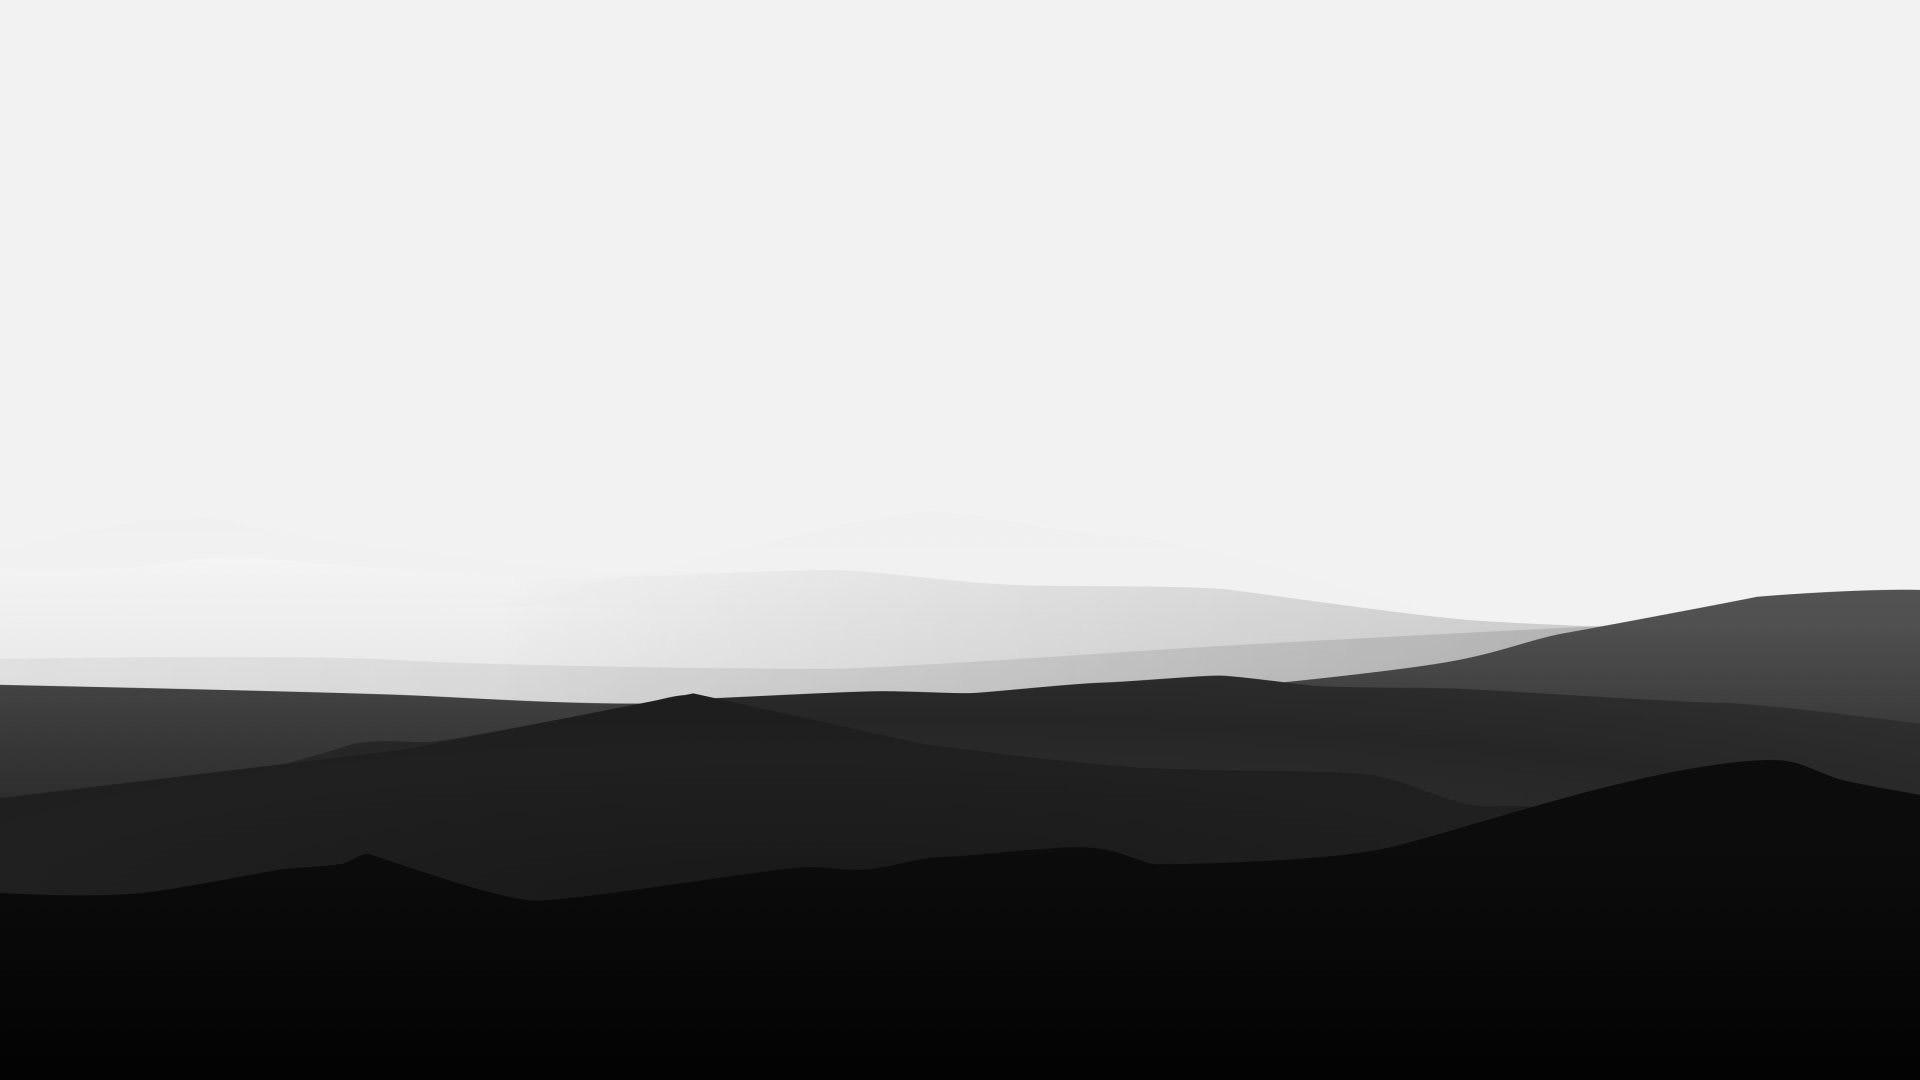 White Minimalist wallpaper for desktop